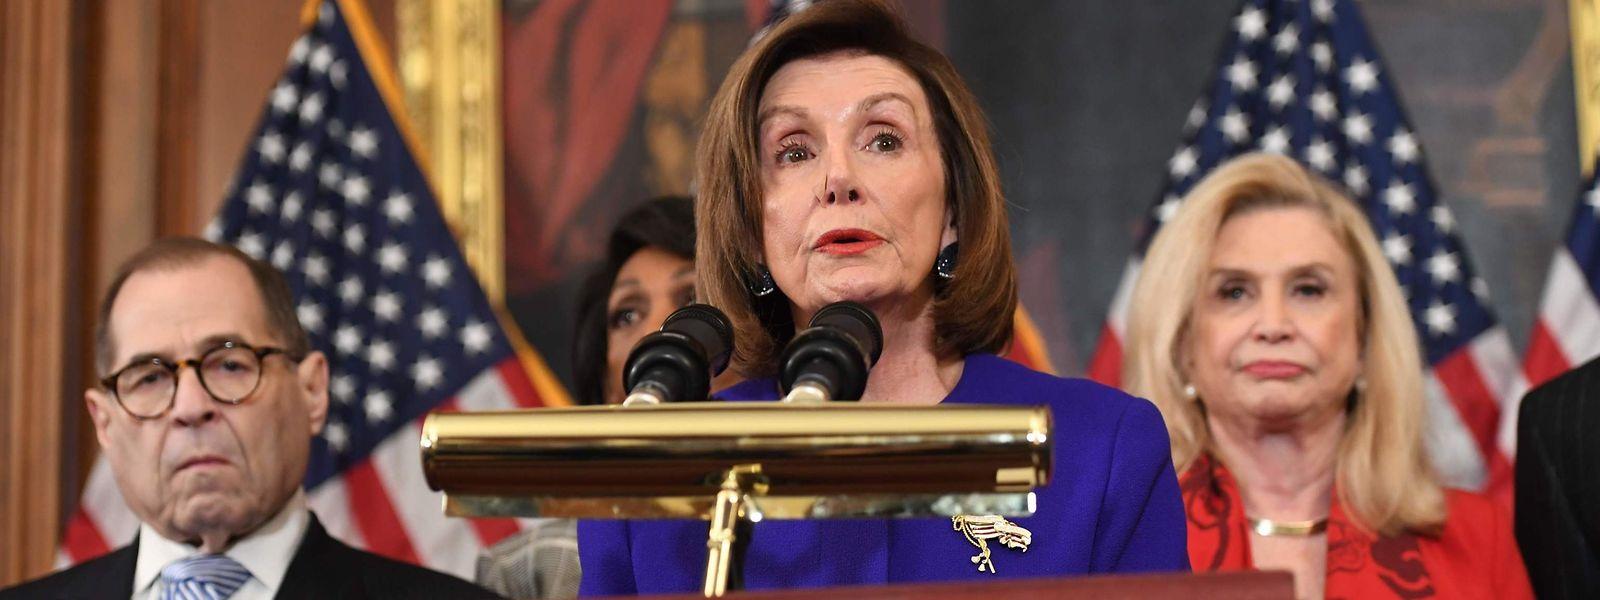 Die Sprecherin des US-Repräsentantenhauses Nancy Pelosi rief alle demokratischen Abgeordneten dazu auf, bei der Abstimmung der Kammer dabei zu sein.